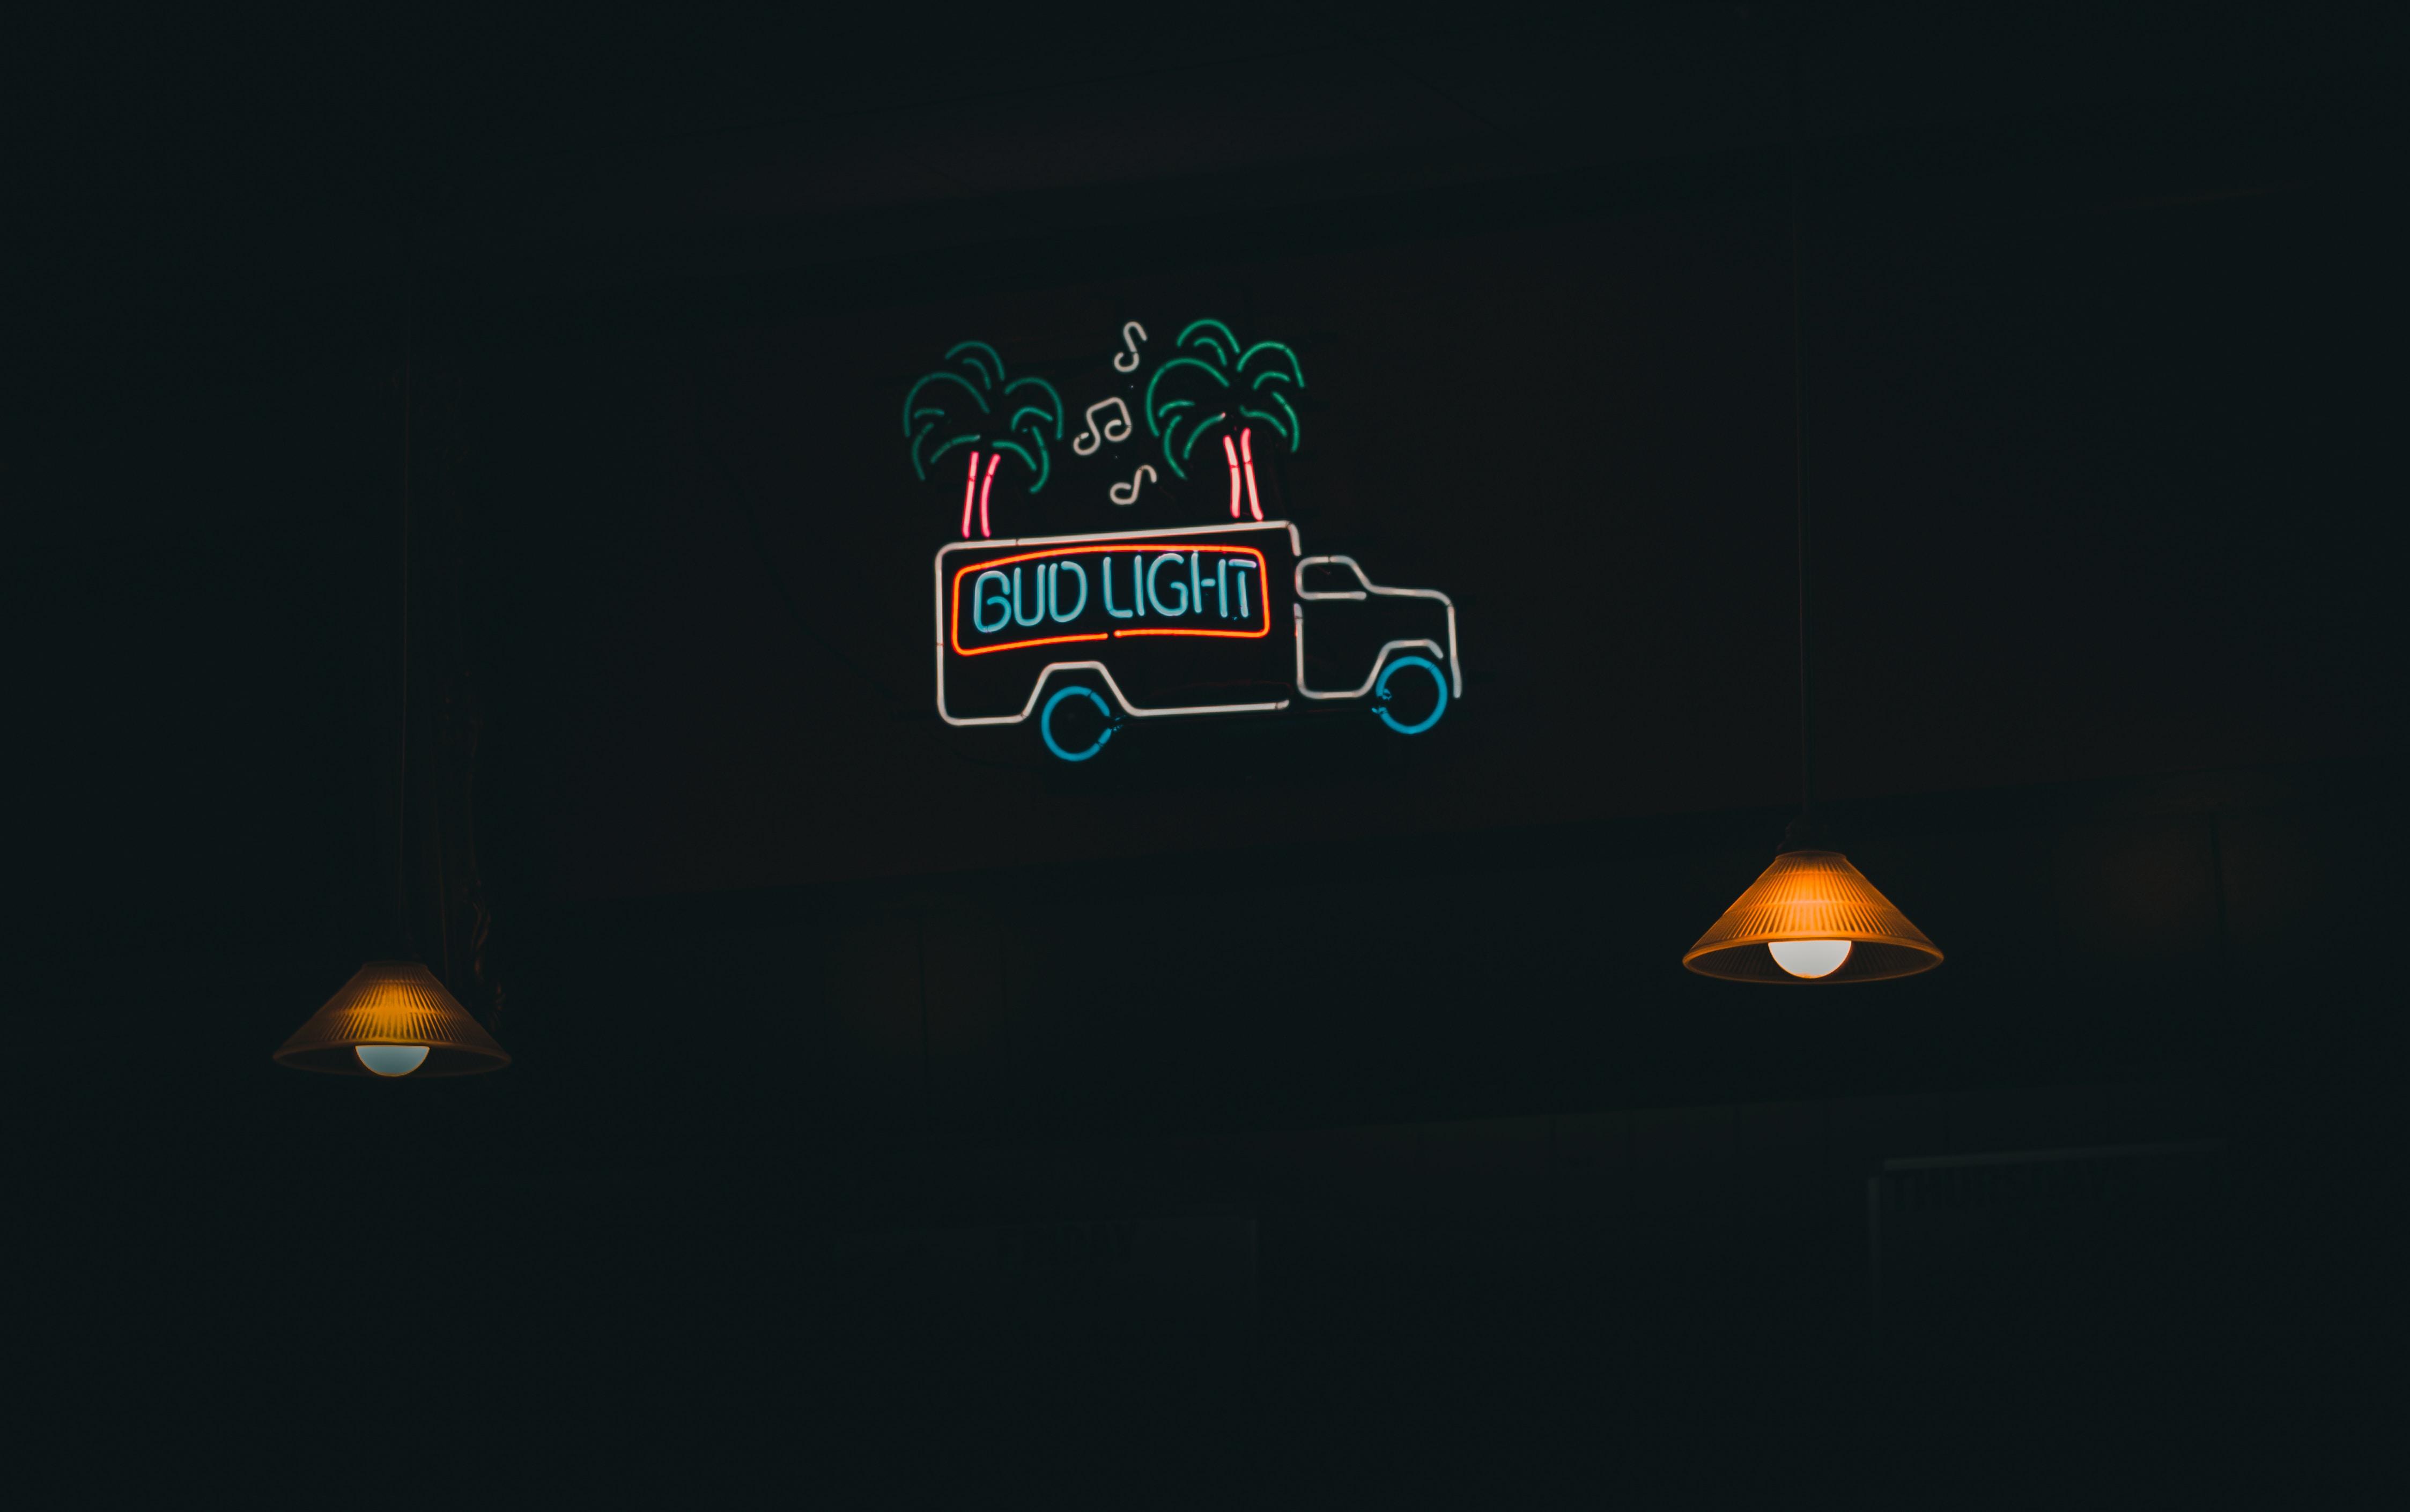 Bud Light neon signage turned-on